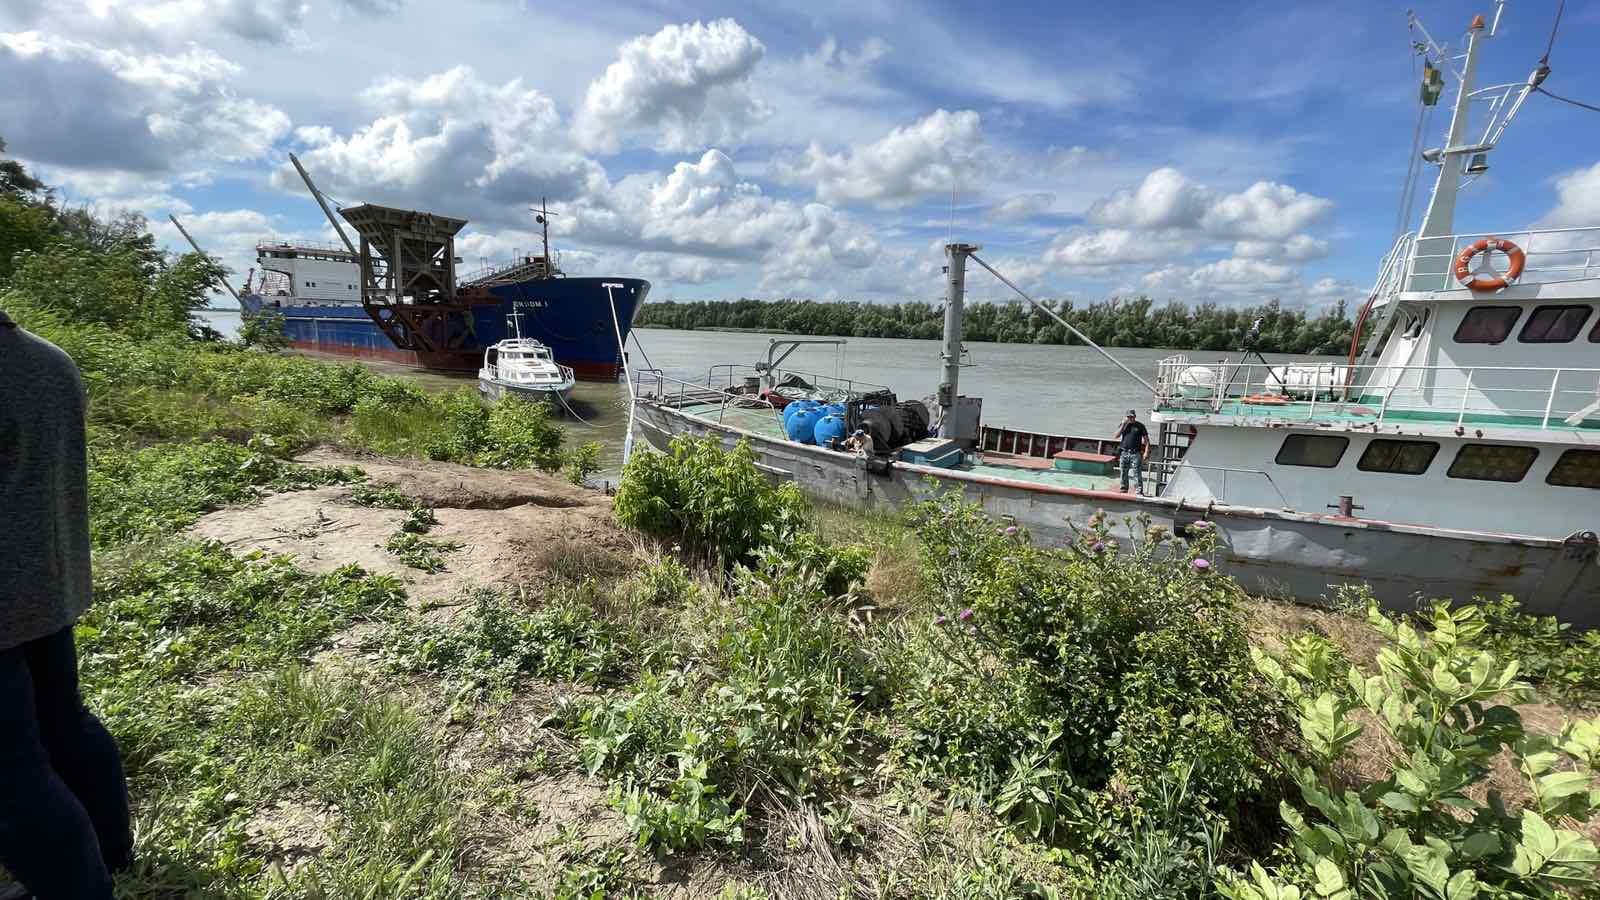 Будущий порт рядом с Килией: Измаильская РГА разбирается, законно ли строительство в пограничной части Дуная